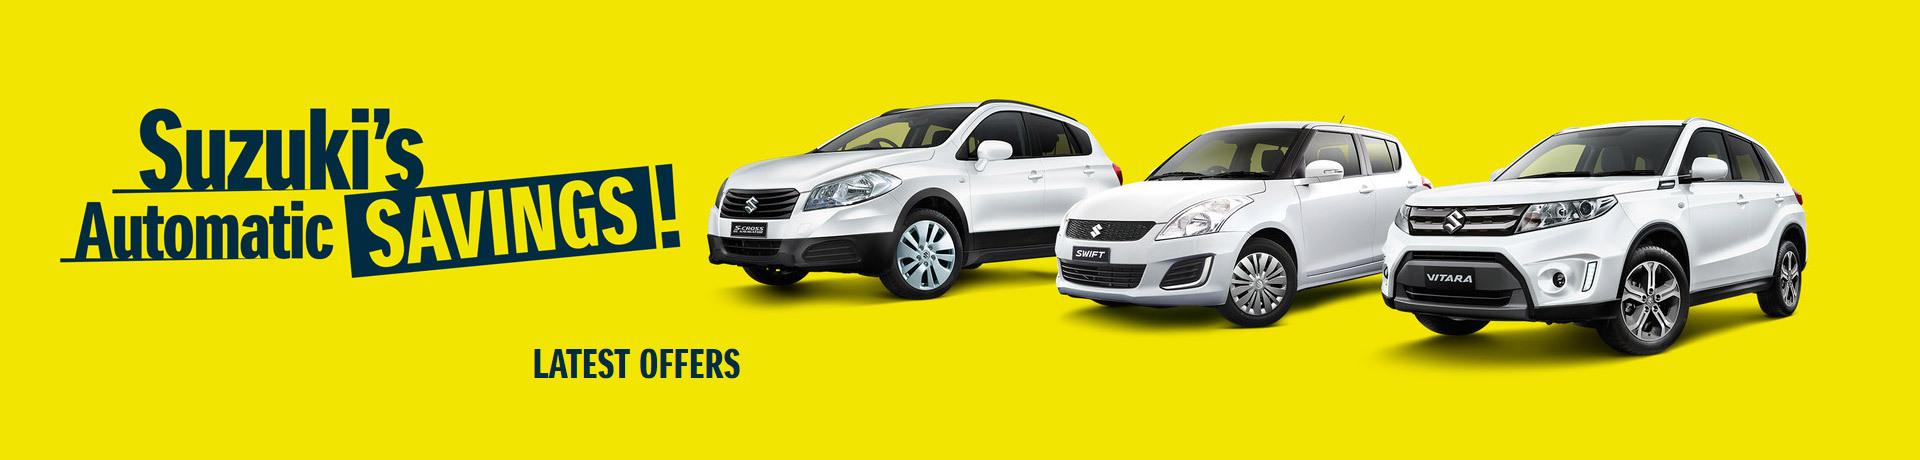 Suzuki - Automatic Savings